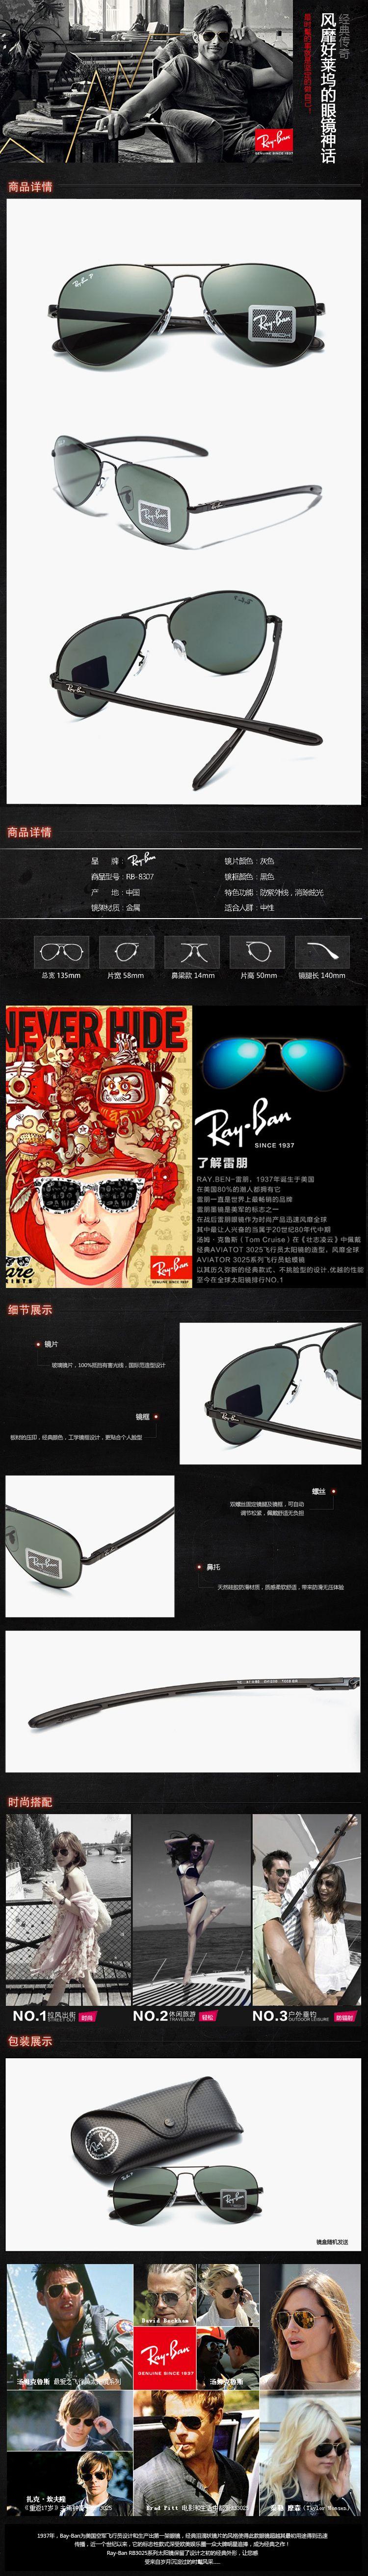 ray ban 8307  raybanrb-8307